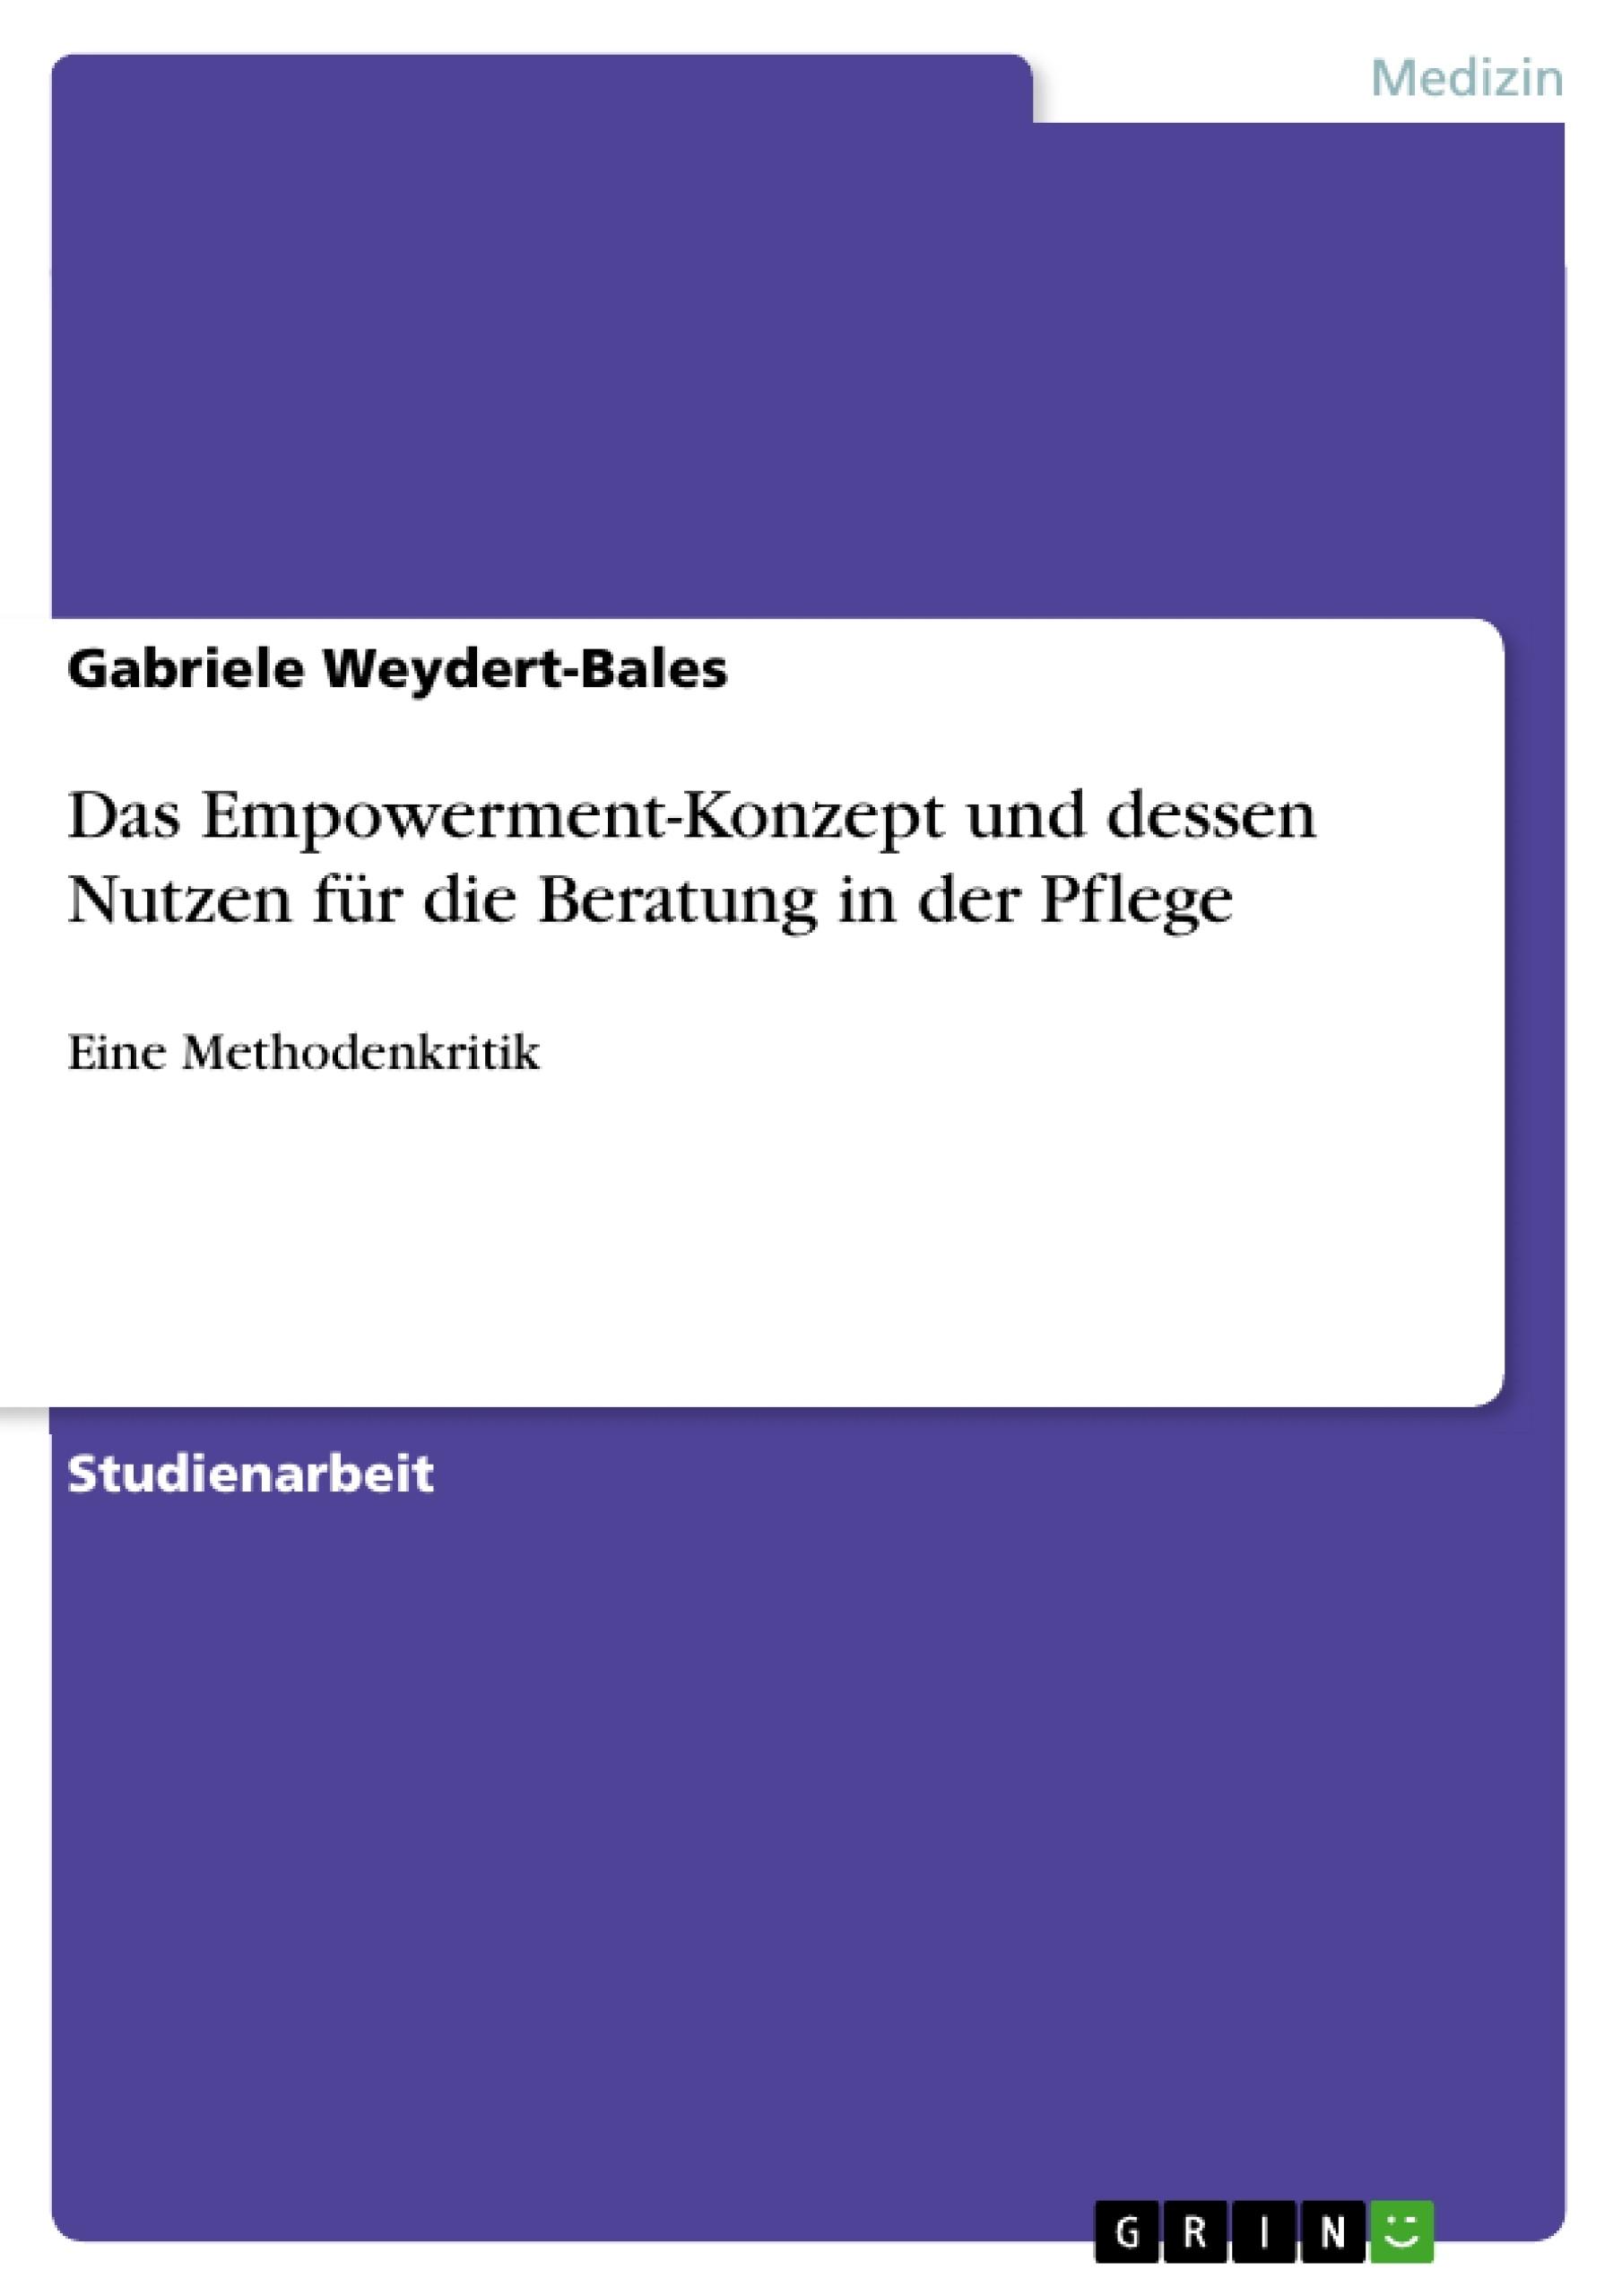 Titel: Das Empowerment-Konzept und dessen Nutzen für die Beratung in der Pflege